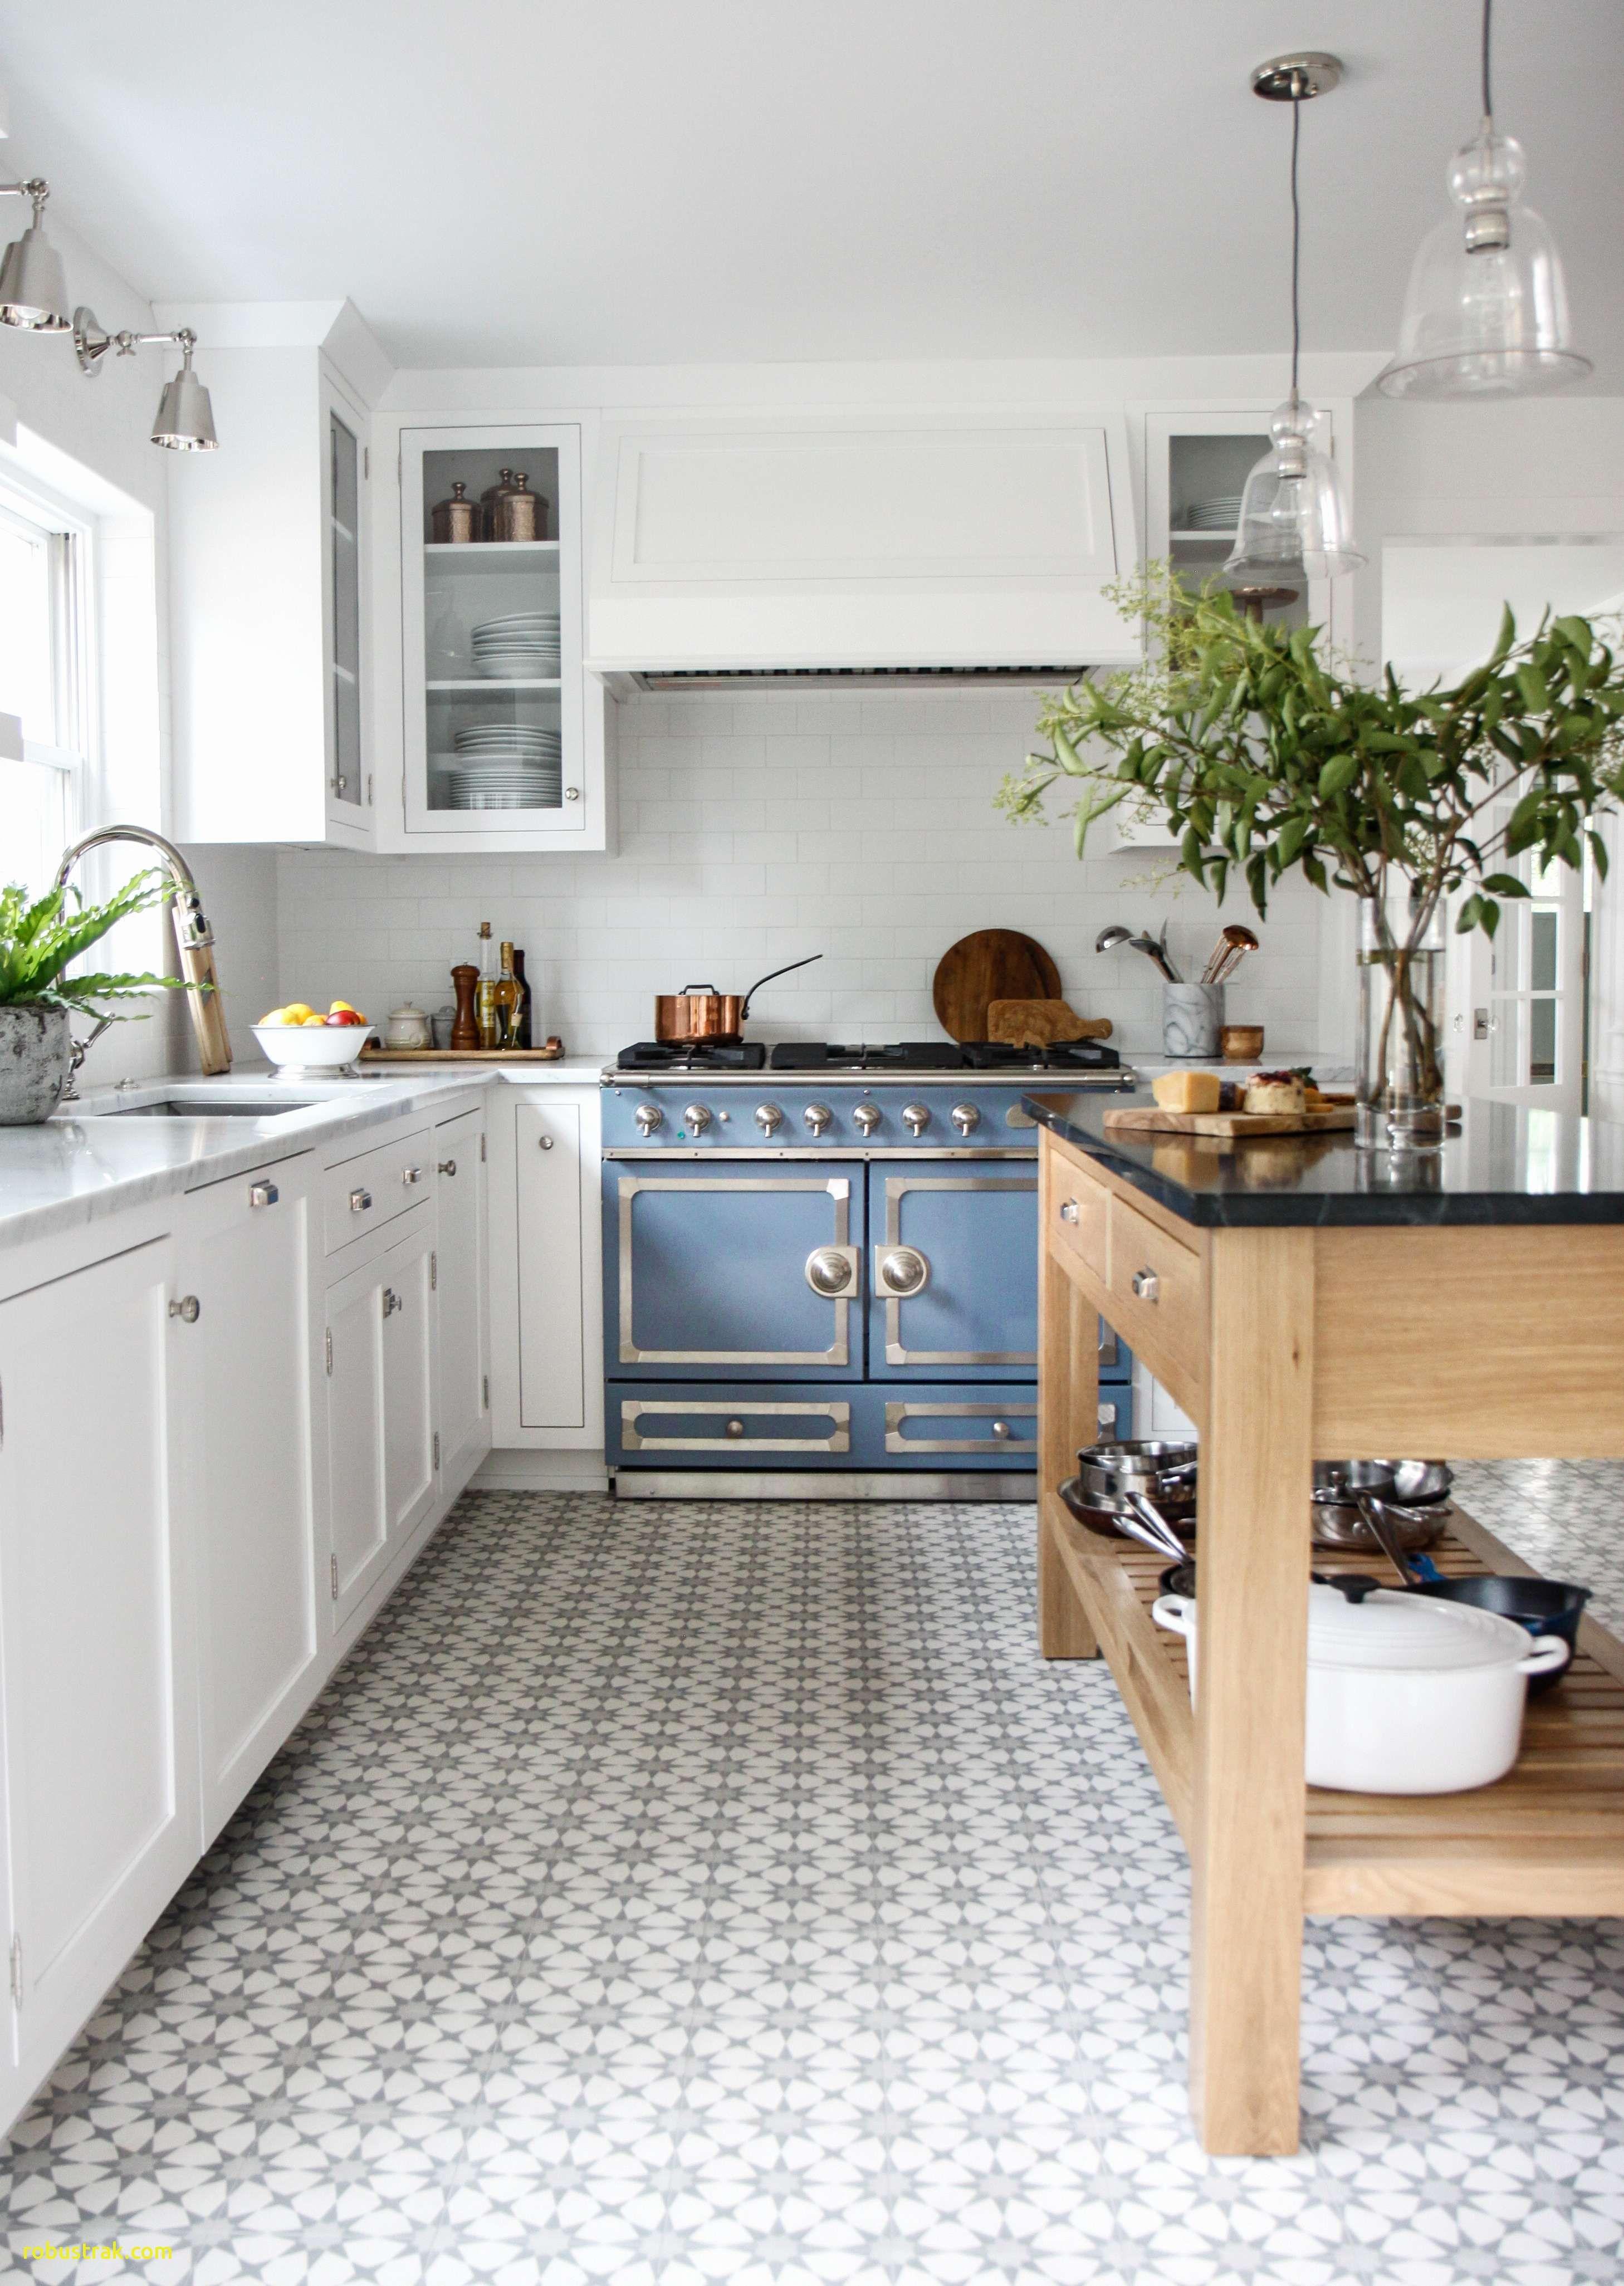 White Kitchen Backsplash Tile Ideas Fresh Black And White Kitchen Backsplash From Article12 Whit In 2020 Kitchen Design Small Kitchen Floor Tile White Kitchen Design